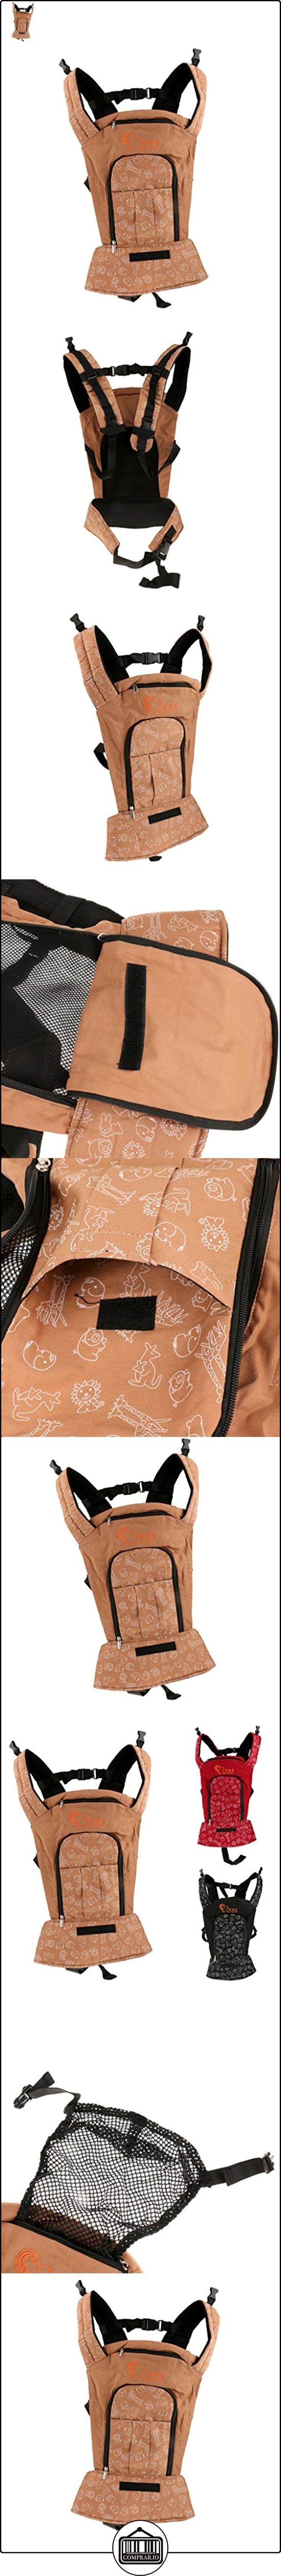 Ajustable Infantil Del Portador De Bebé Cómodo Abrigo Jinete Mochila - Amarillo  ✿ Seguridad para tu bebé - (Protege a tus hijos) ✿ ▬► Ver oferta: http://comprar.io/goto/B01M34D9VV